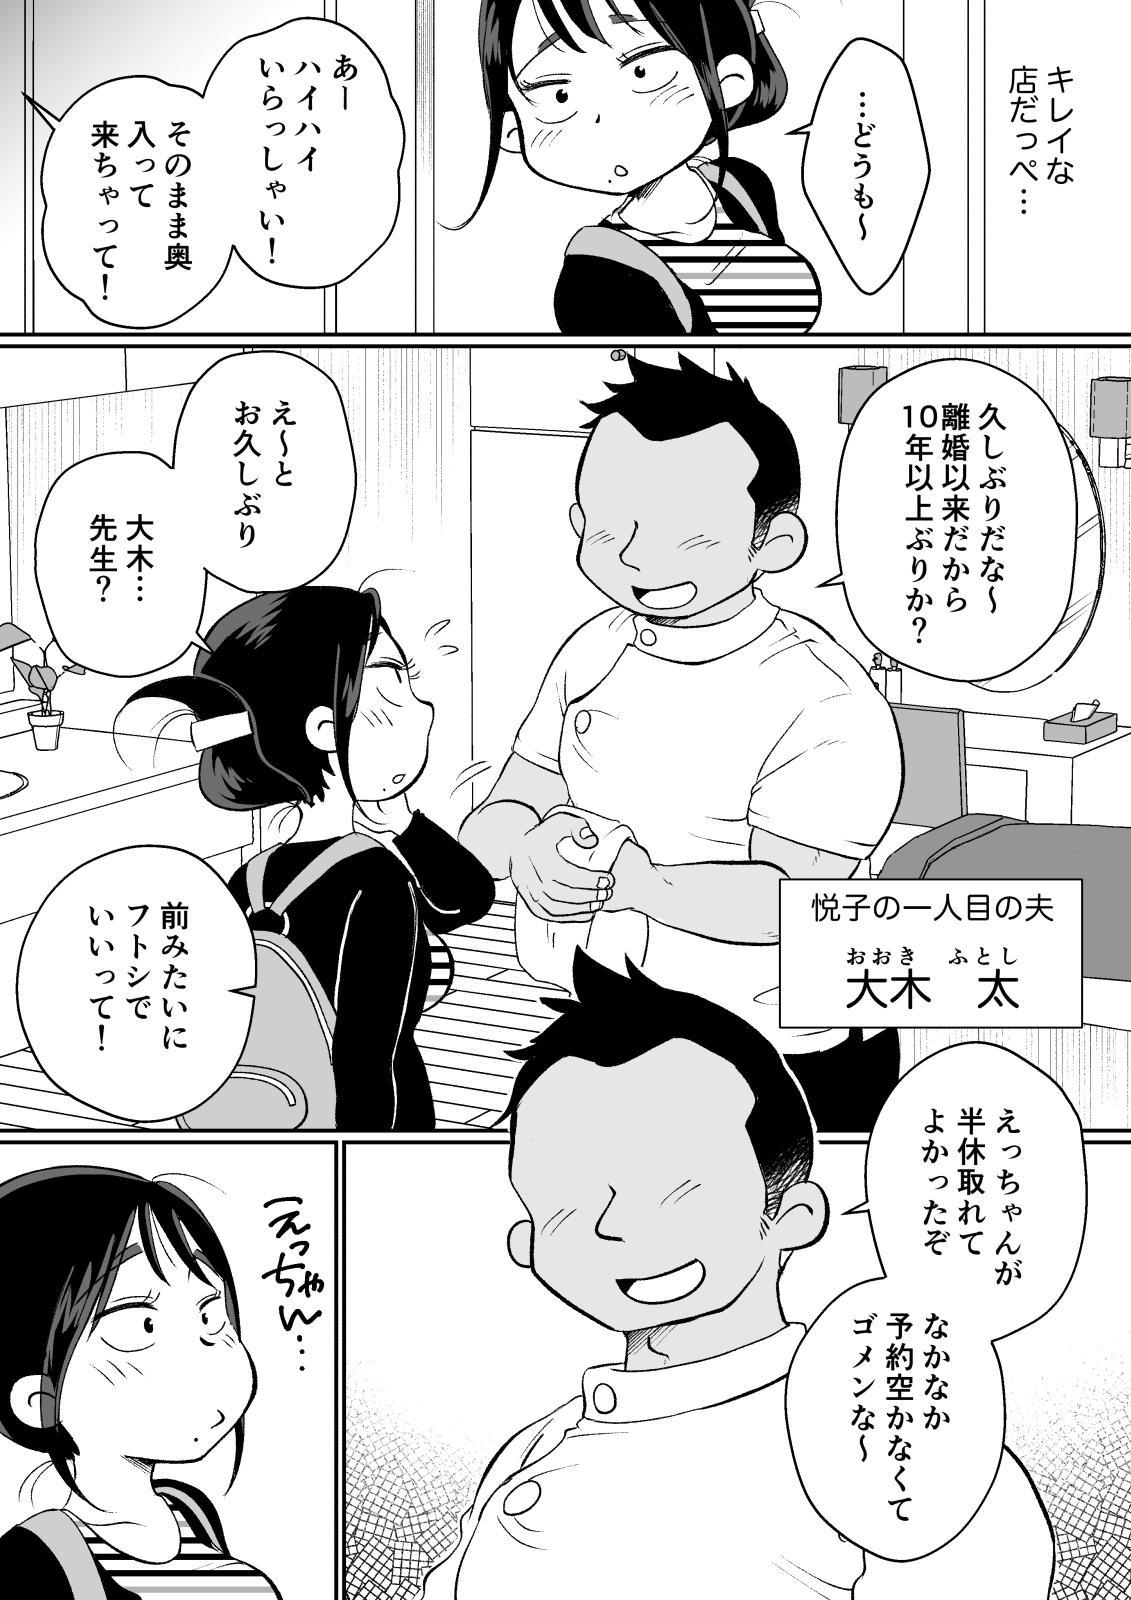 Batsuichi Hitozuma, Moto Danna no Ero Massage ni Ochiru! 10